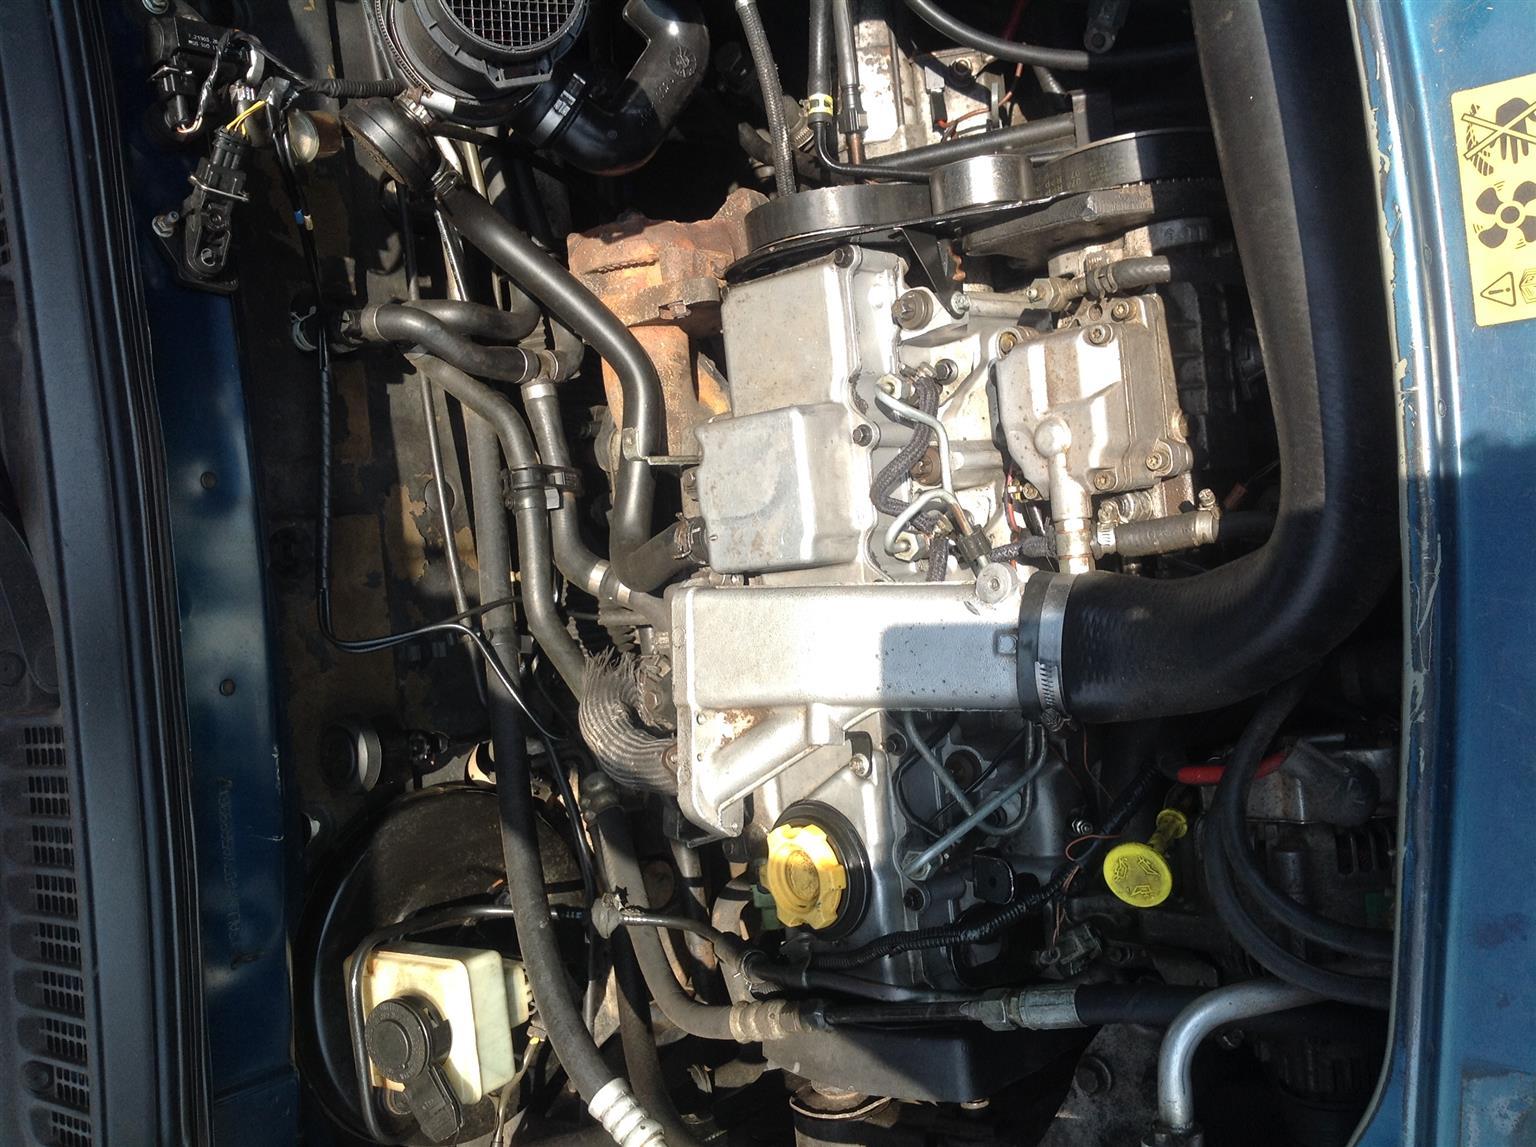 Selling Land Rover Freelander 2001 for Rebuild